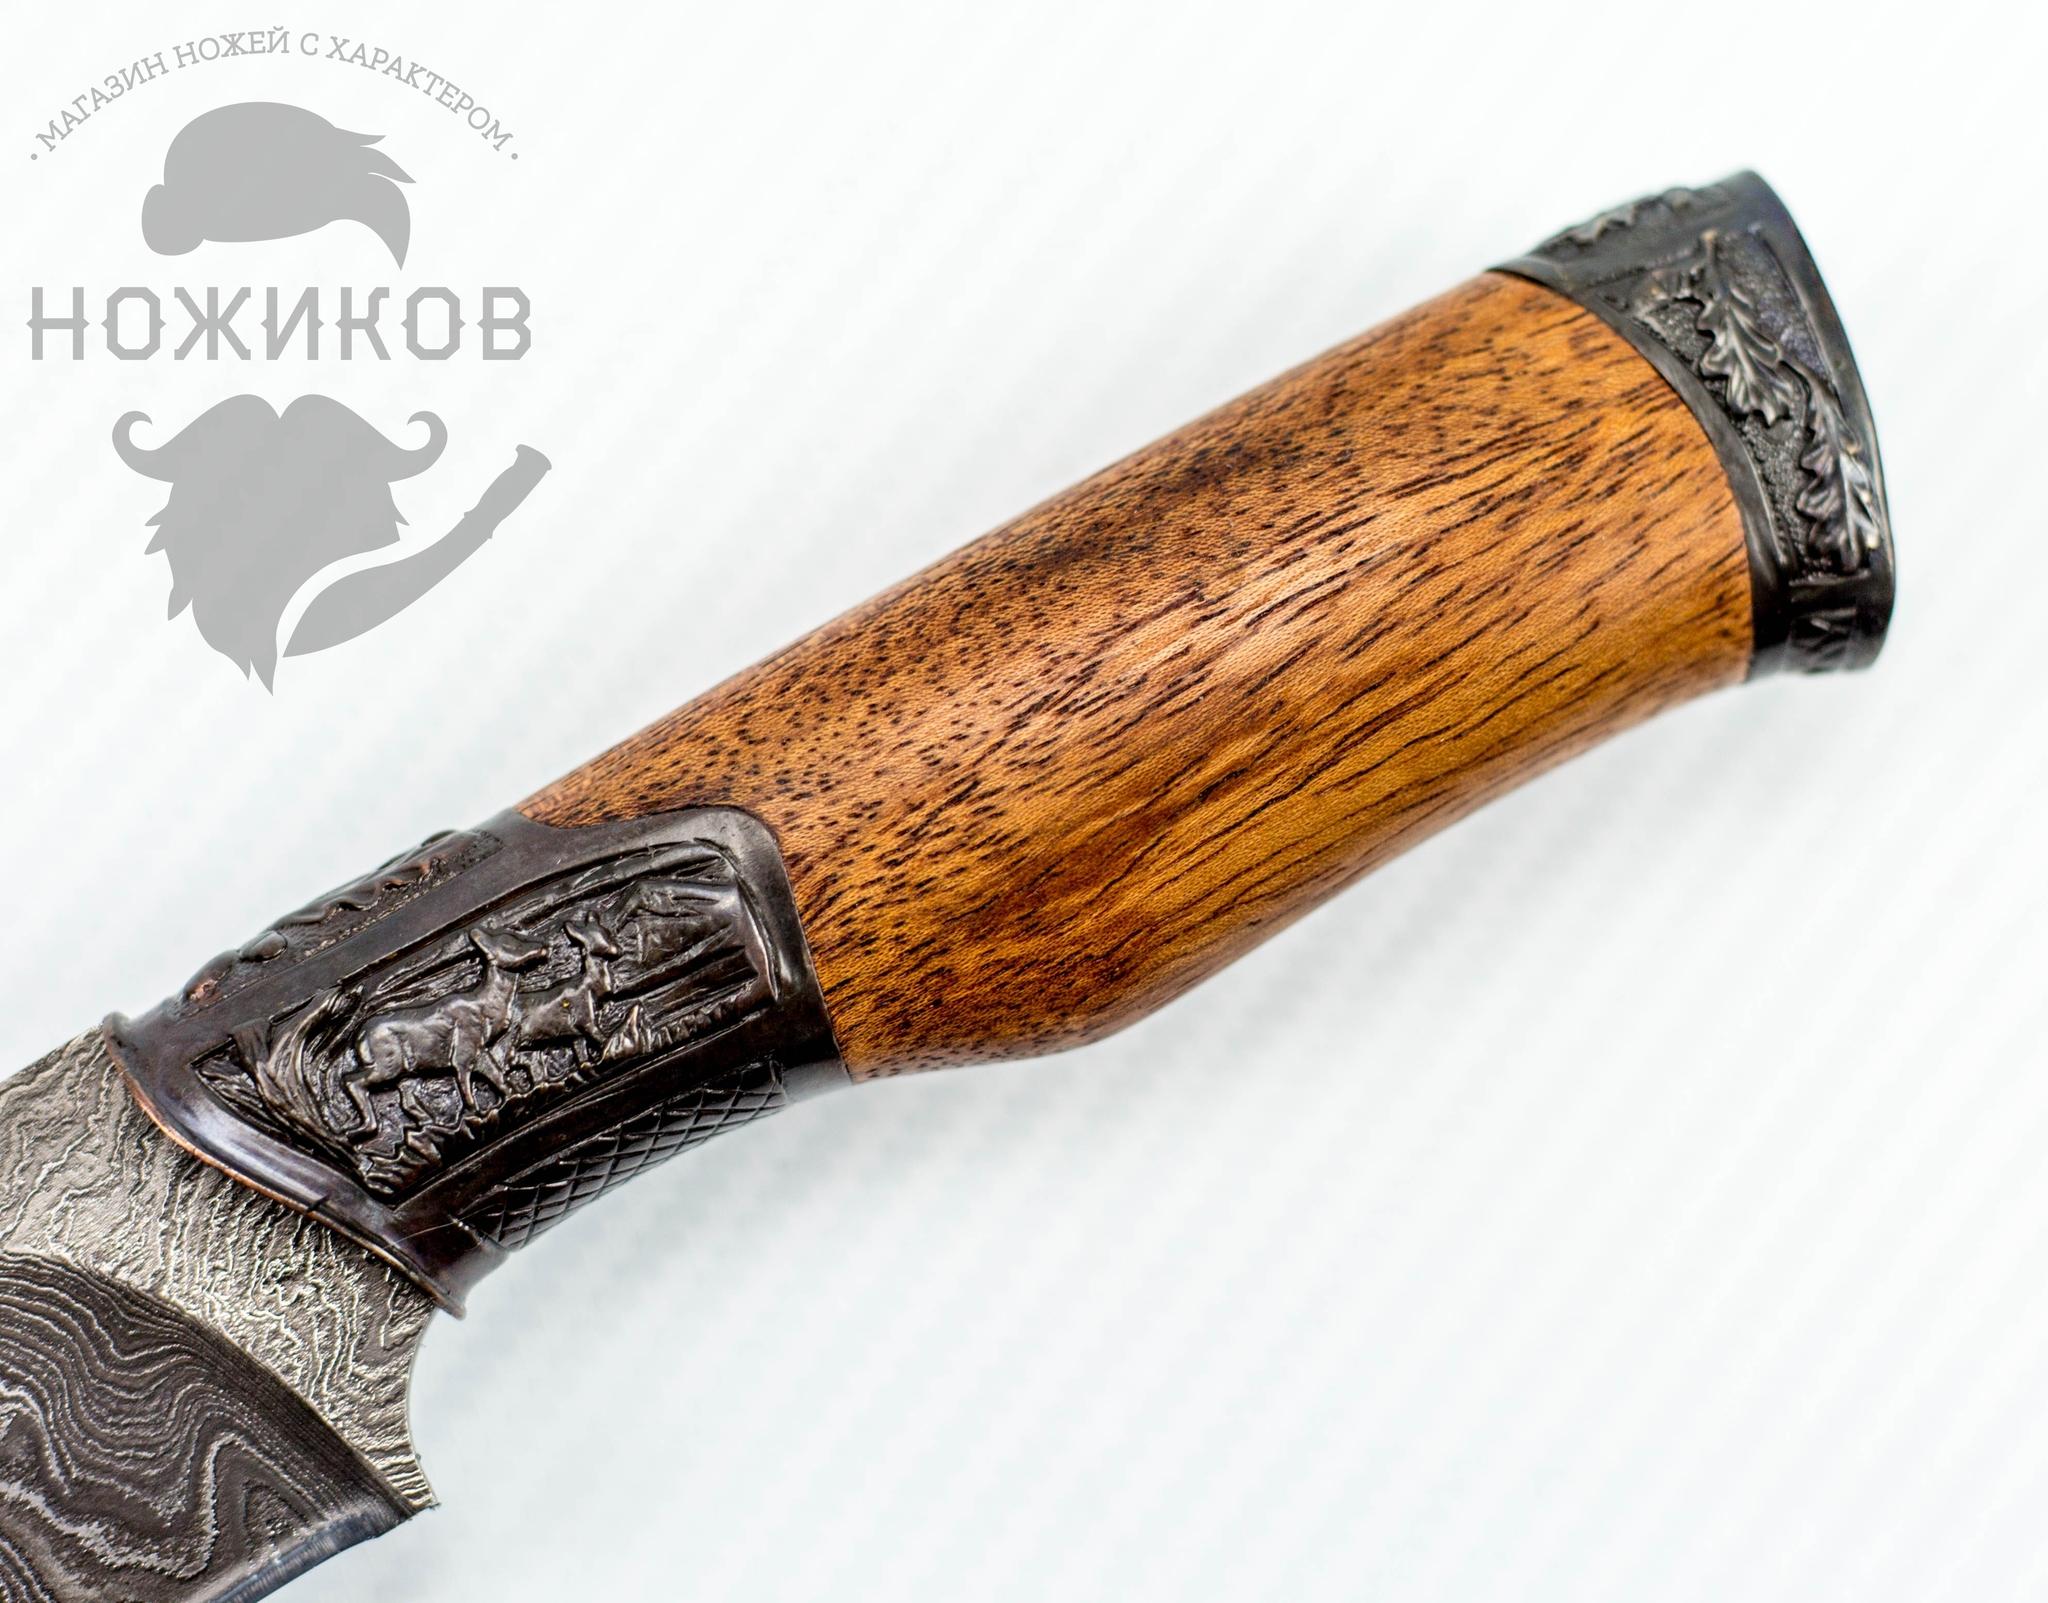 Фото 4 - Авторский Нож из Дамаска №61, Кизляр от Noname